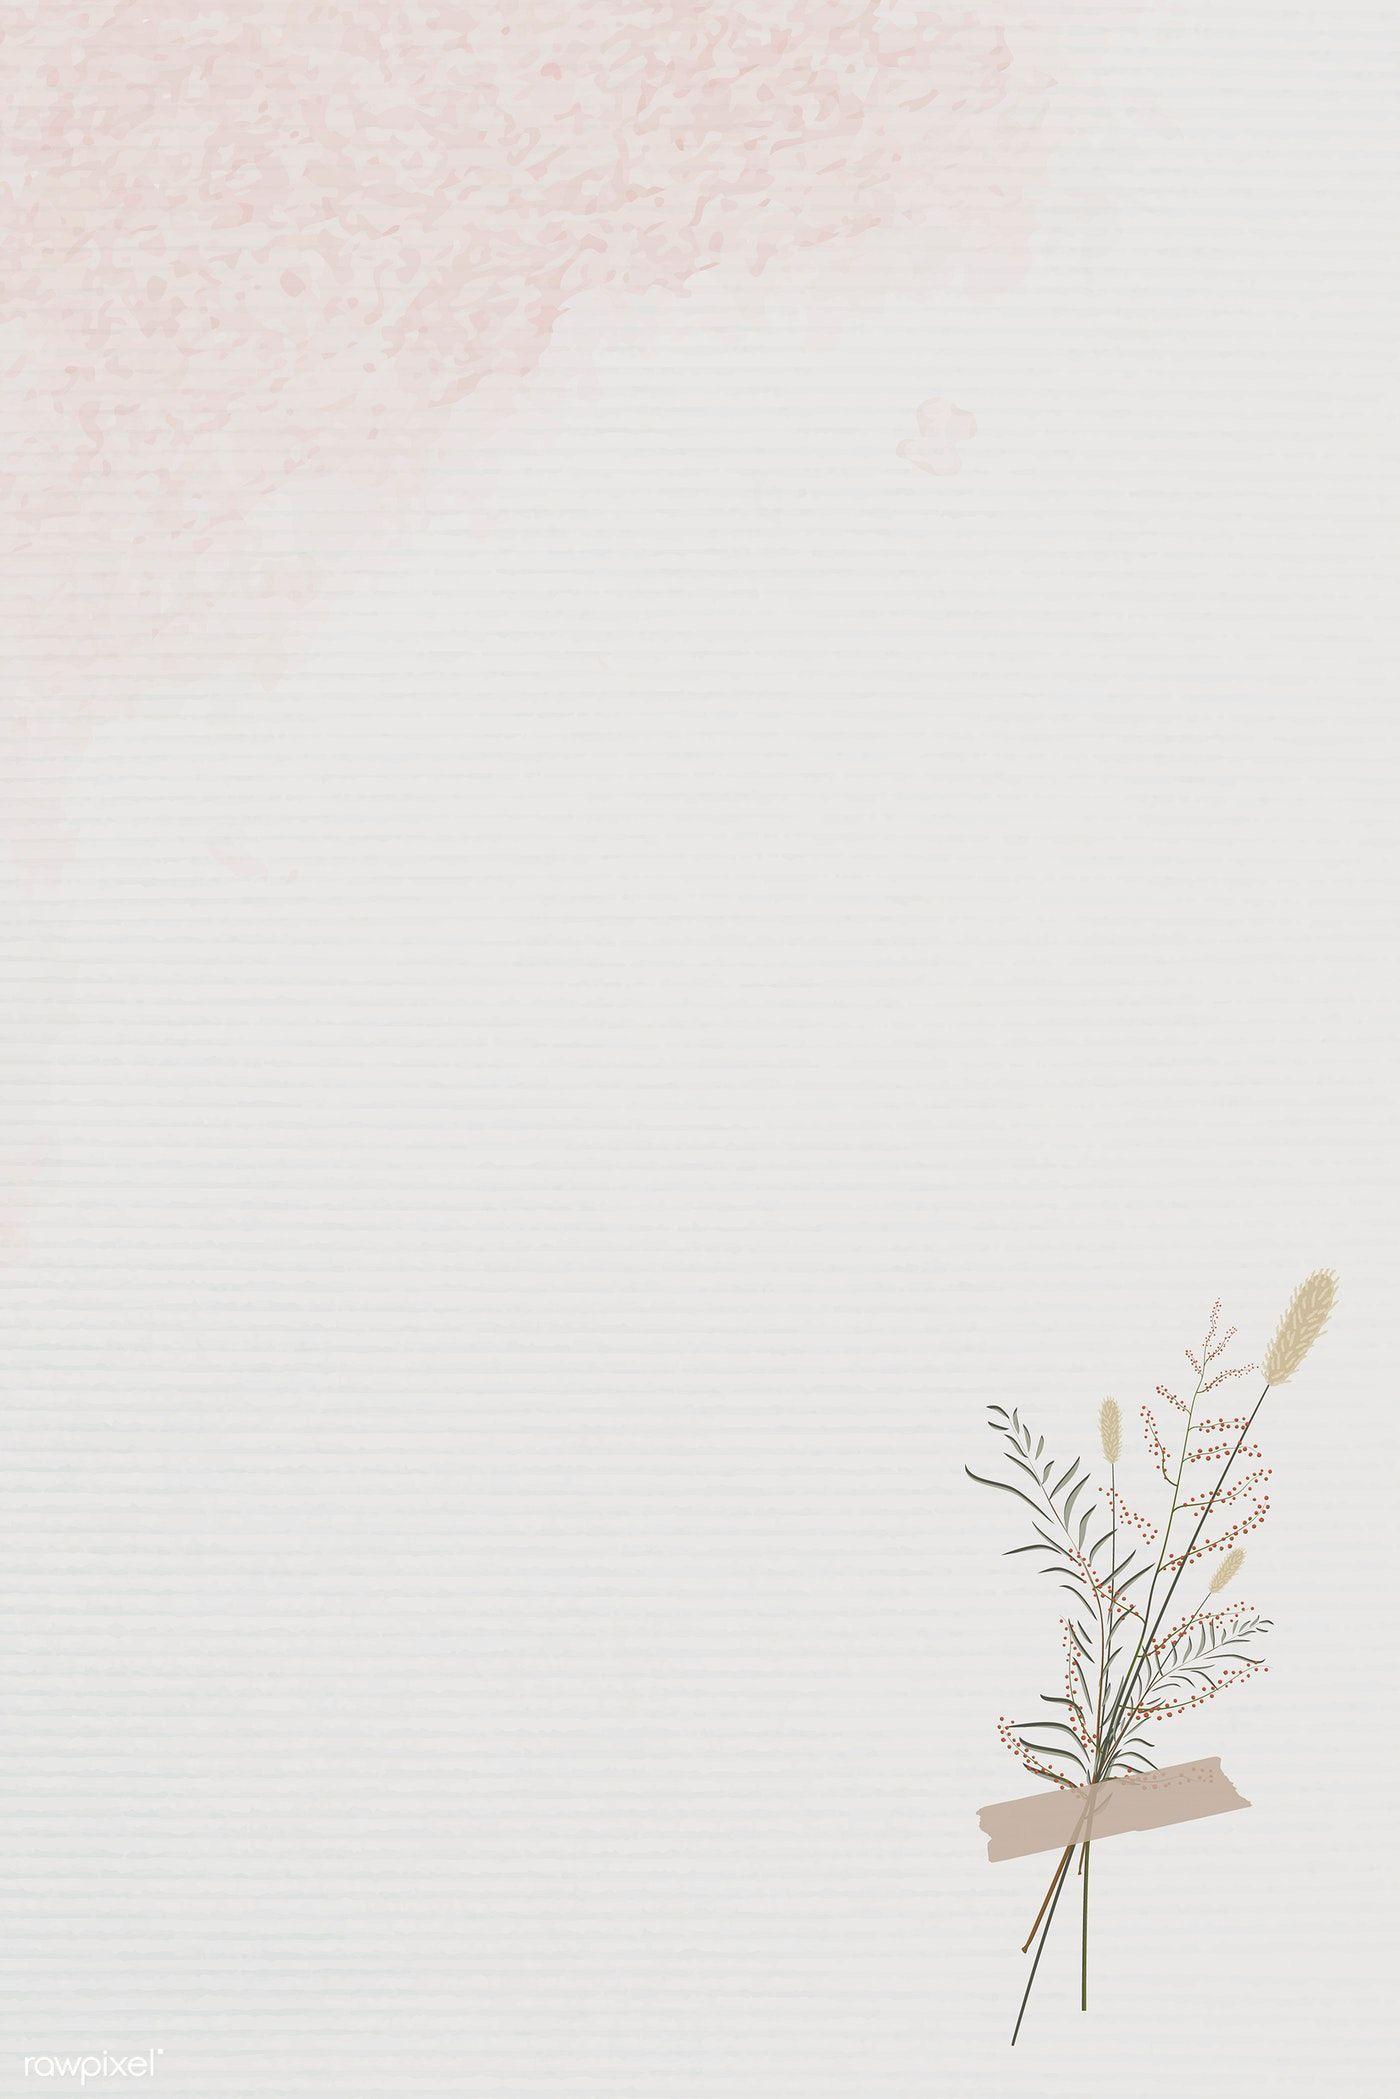 Vintage Leaves Design Background Vector Premium Image By Rawpixel Com Marinemynt In 2020 Iphone Hintergrund Disney Blumen Hintergrunde Niedliche Hintergrundbilder